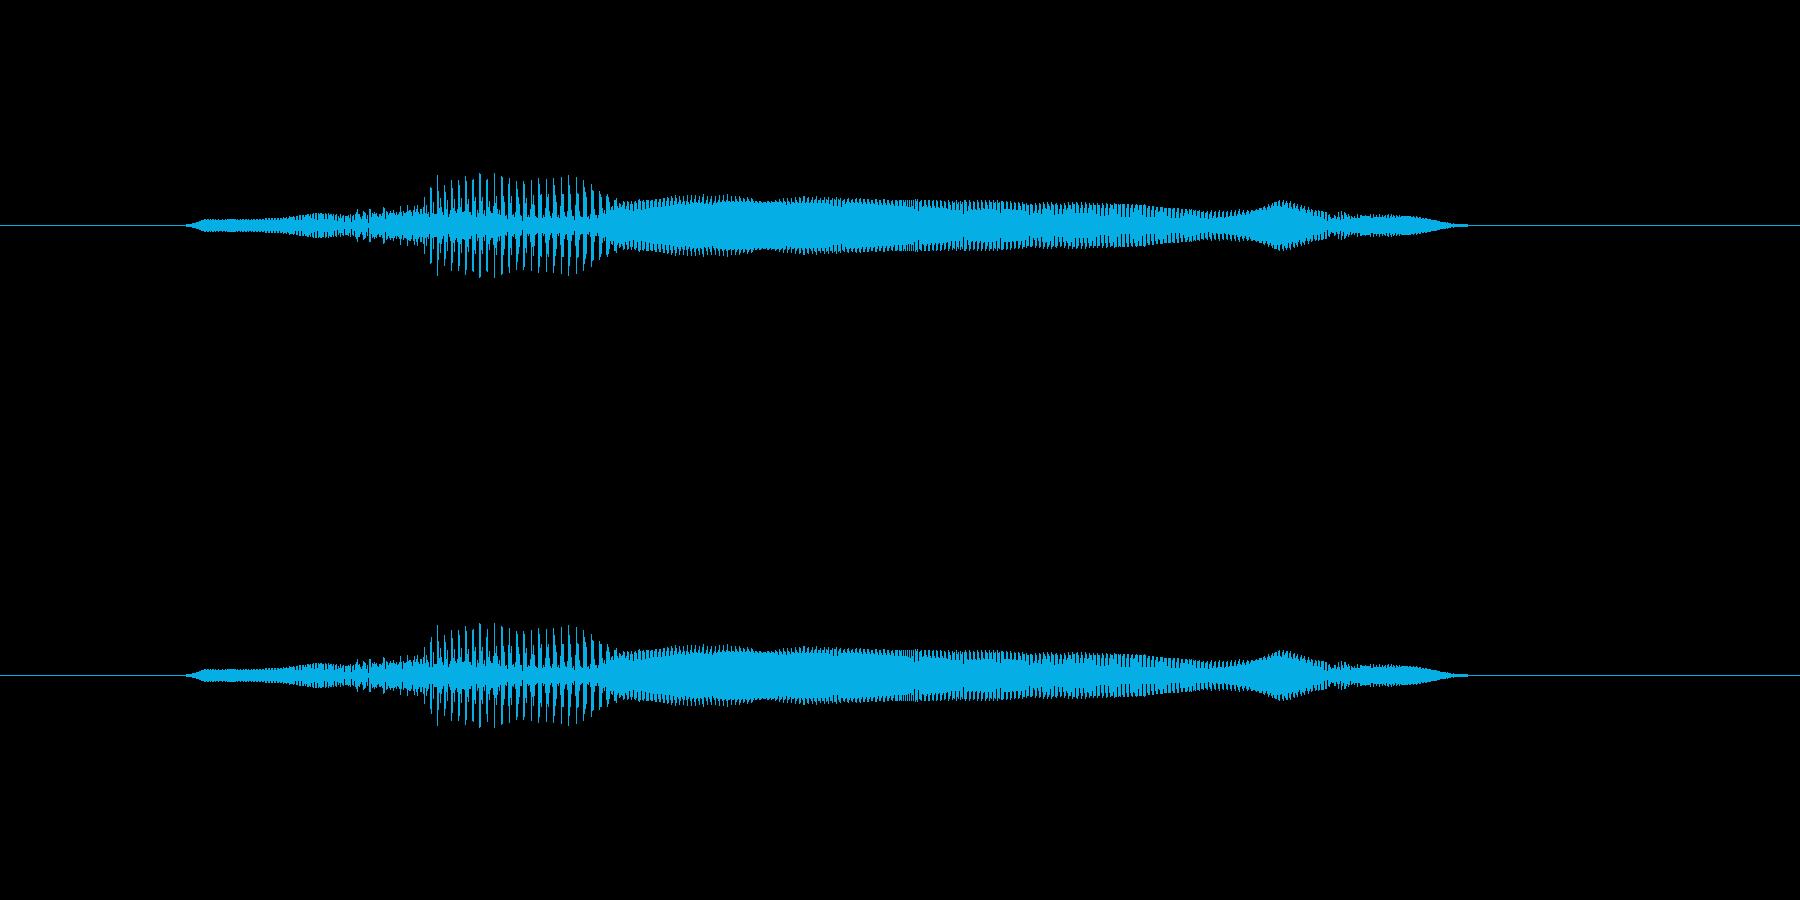 ニャー_猫声-11の再生済みの波形